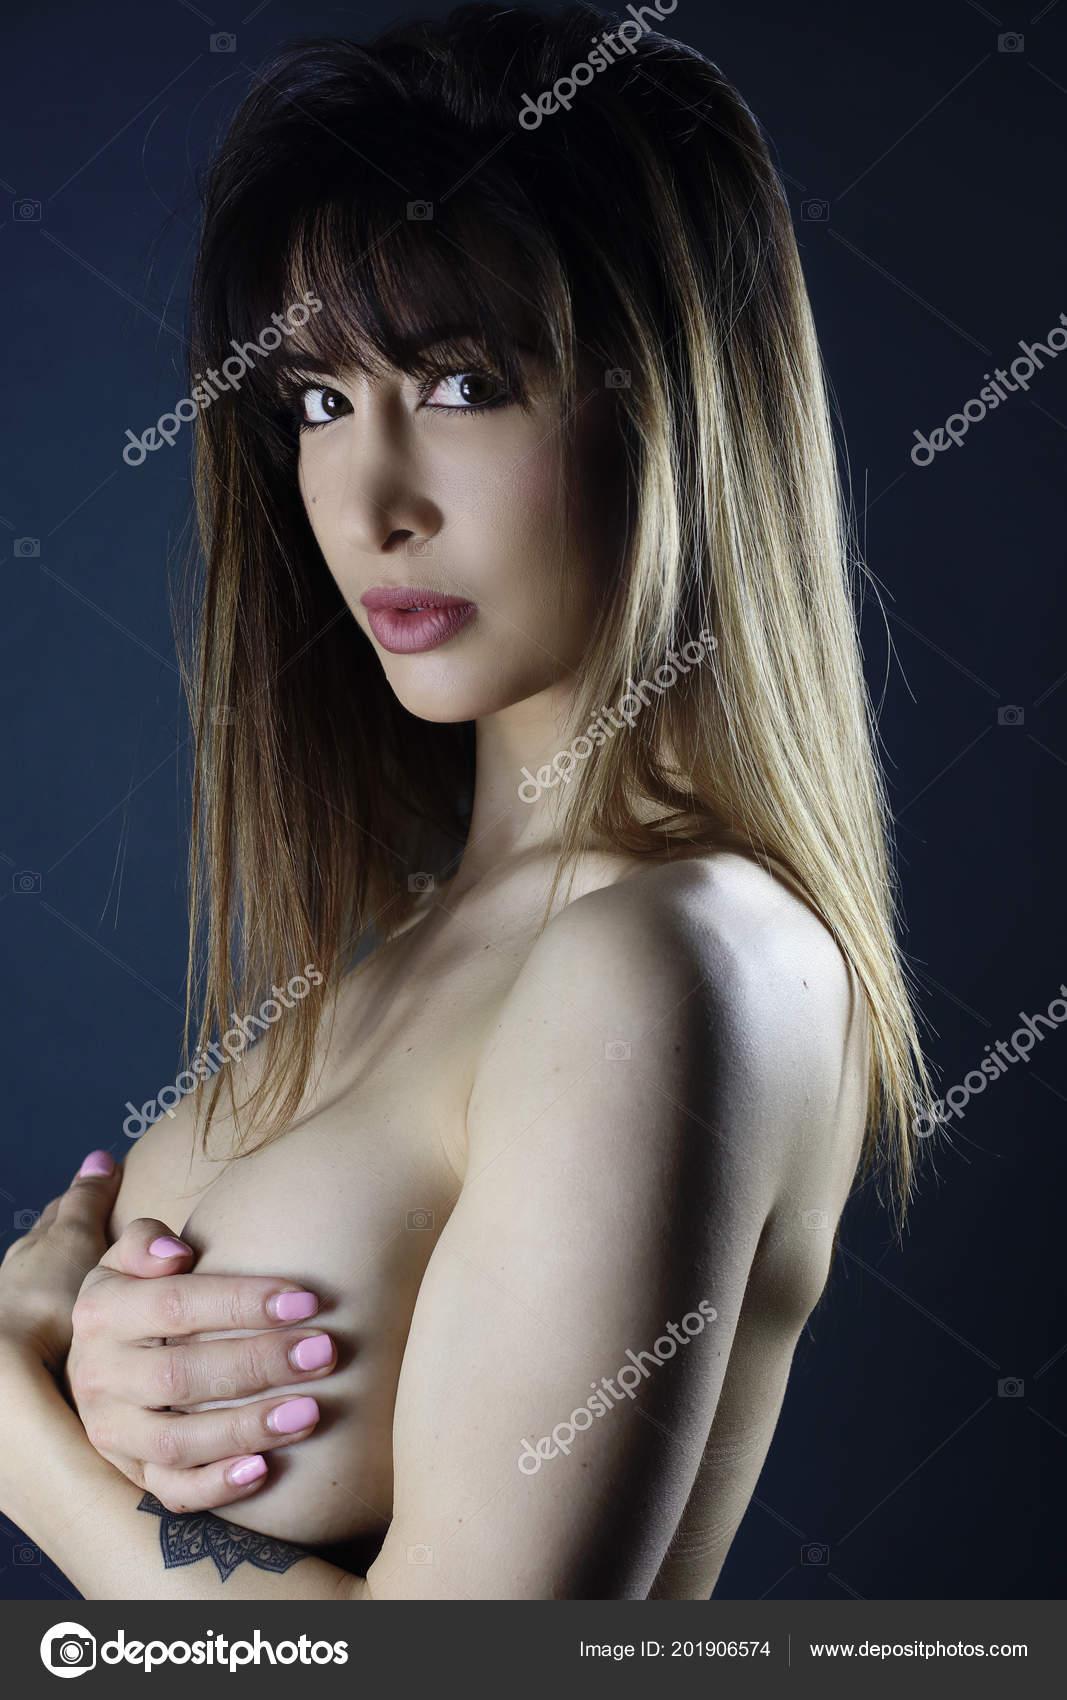 γυμνό κορίτσι τέλειο κορίτσι